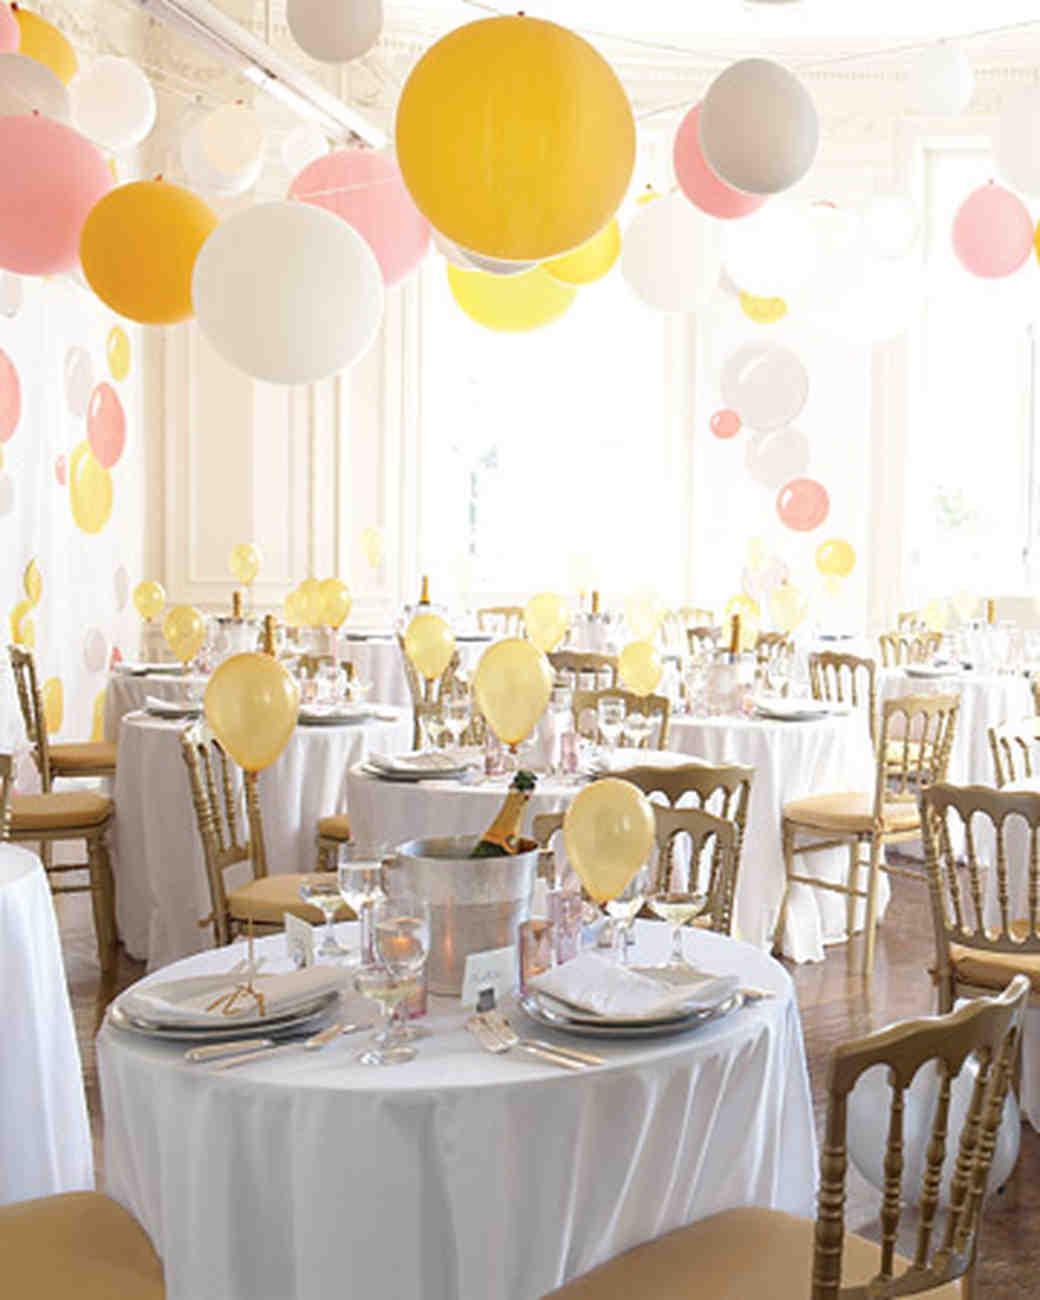 diy balloon wedding decor martha stewart weddings rh marthastewartweddings com